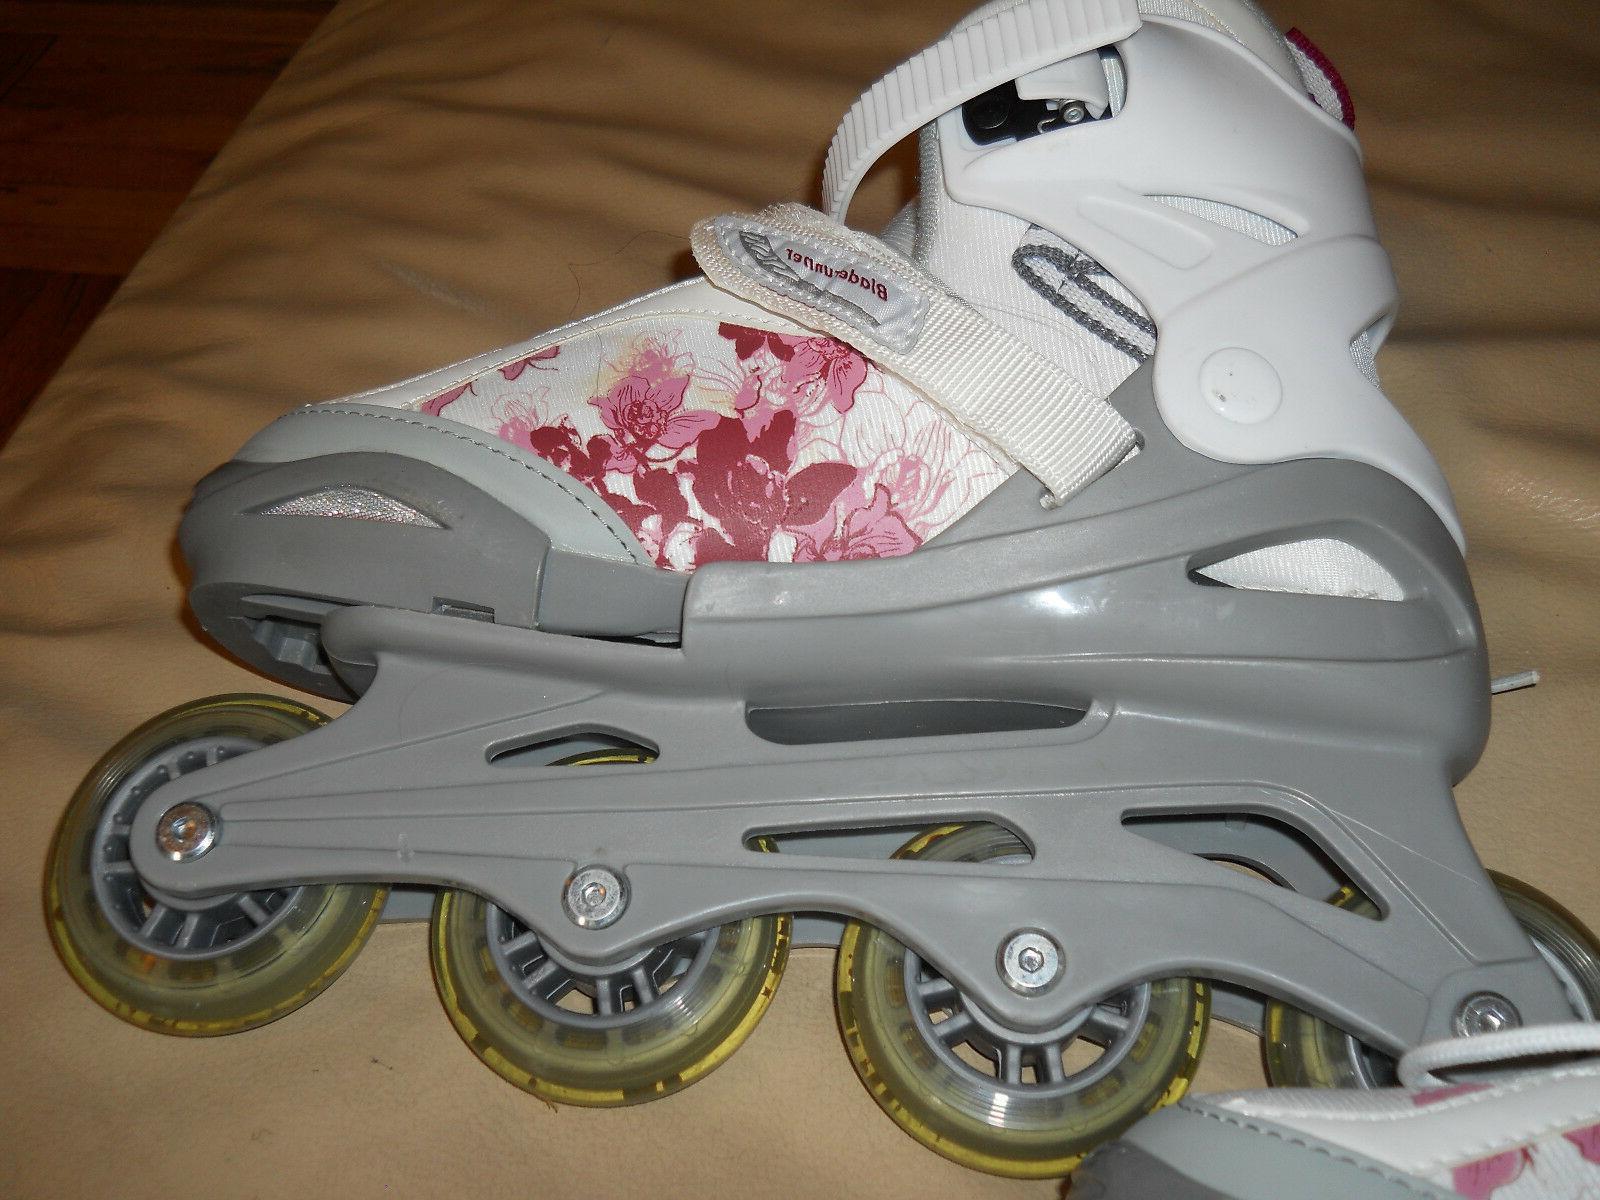 Bladerunner Girls Skate,